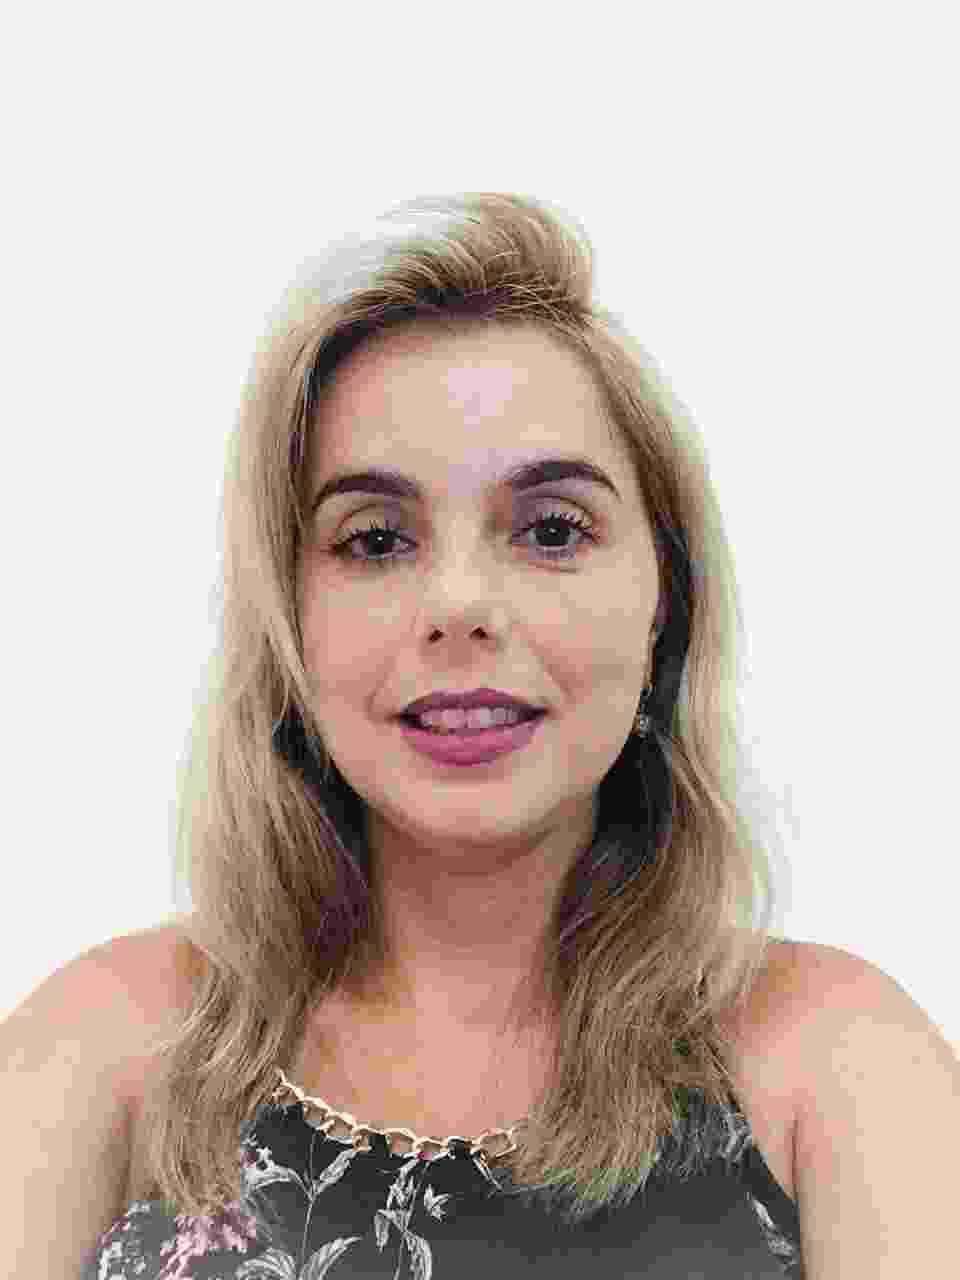 Luciana Barbella di Vincenzo Nuccini Pires é de São Paulo (SP) e tem 38 anos - Arquivo Pessoal